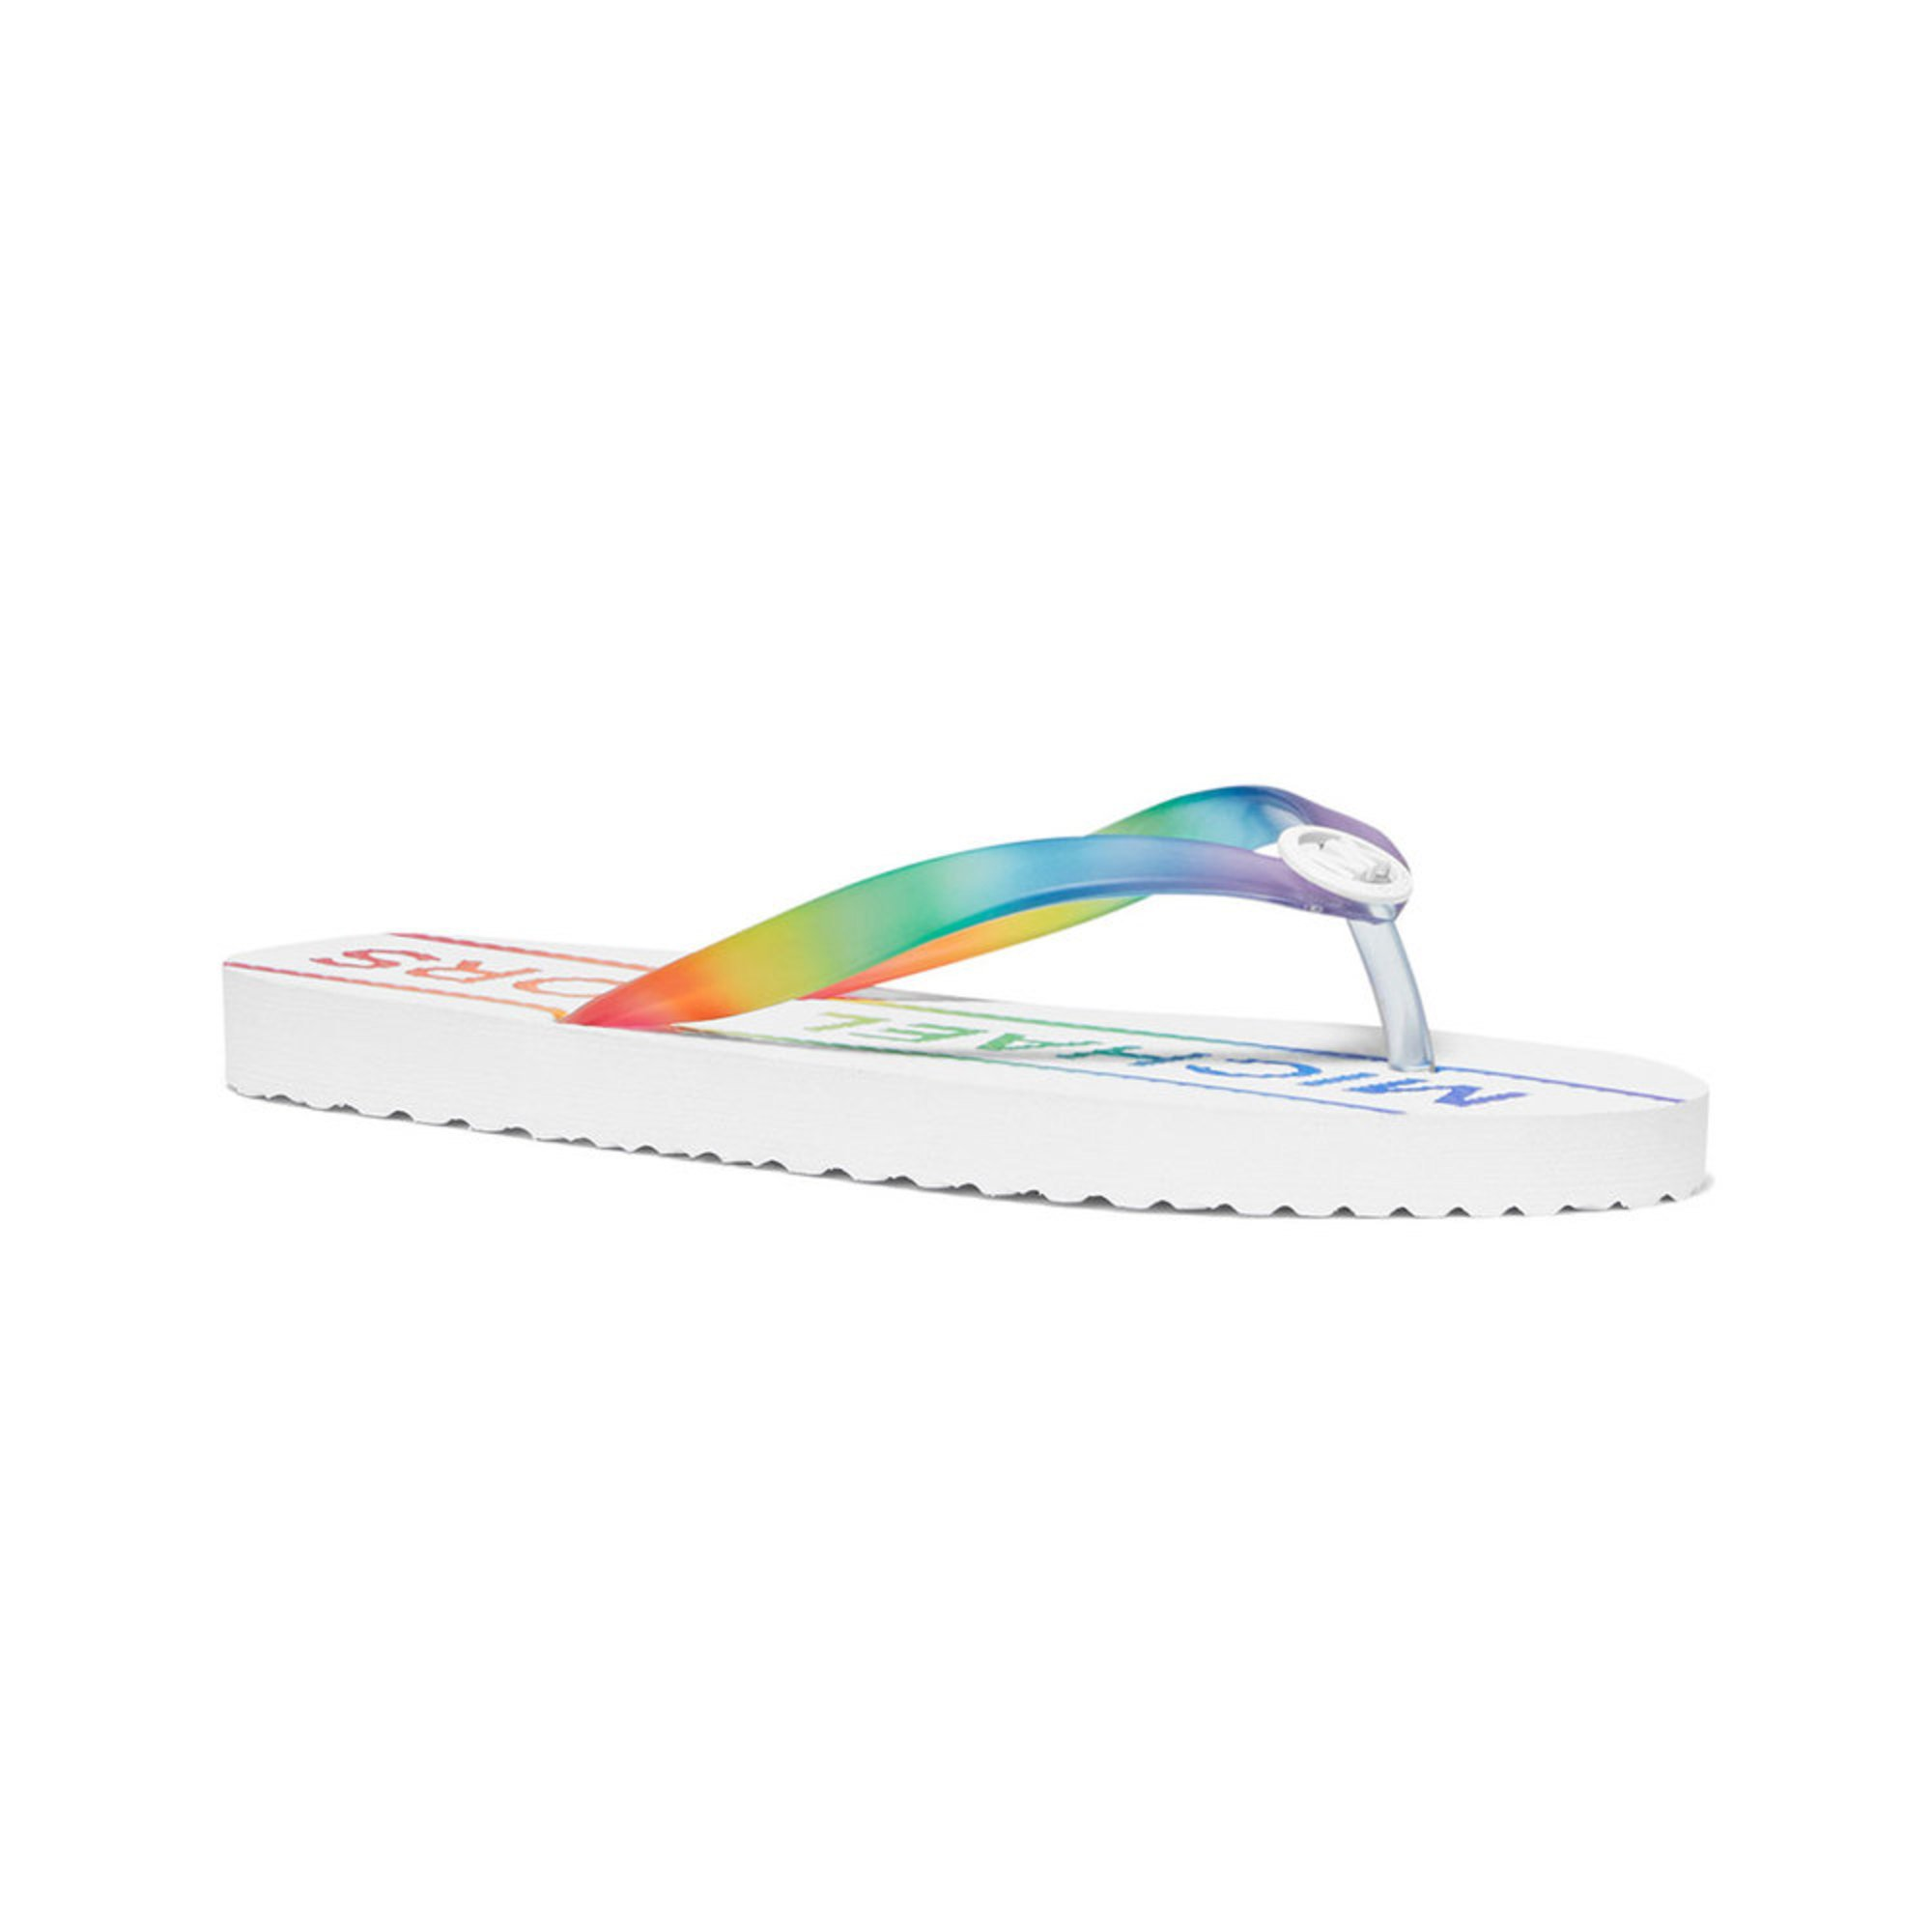 772ae596d Michael Kors Women's Mk Flip Flop   Women's Sandals   Shoes - Shop ...